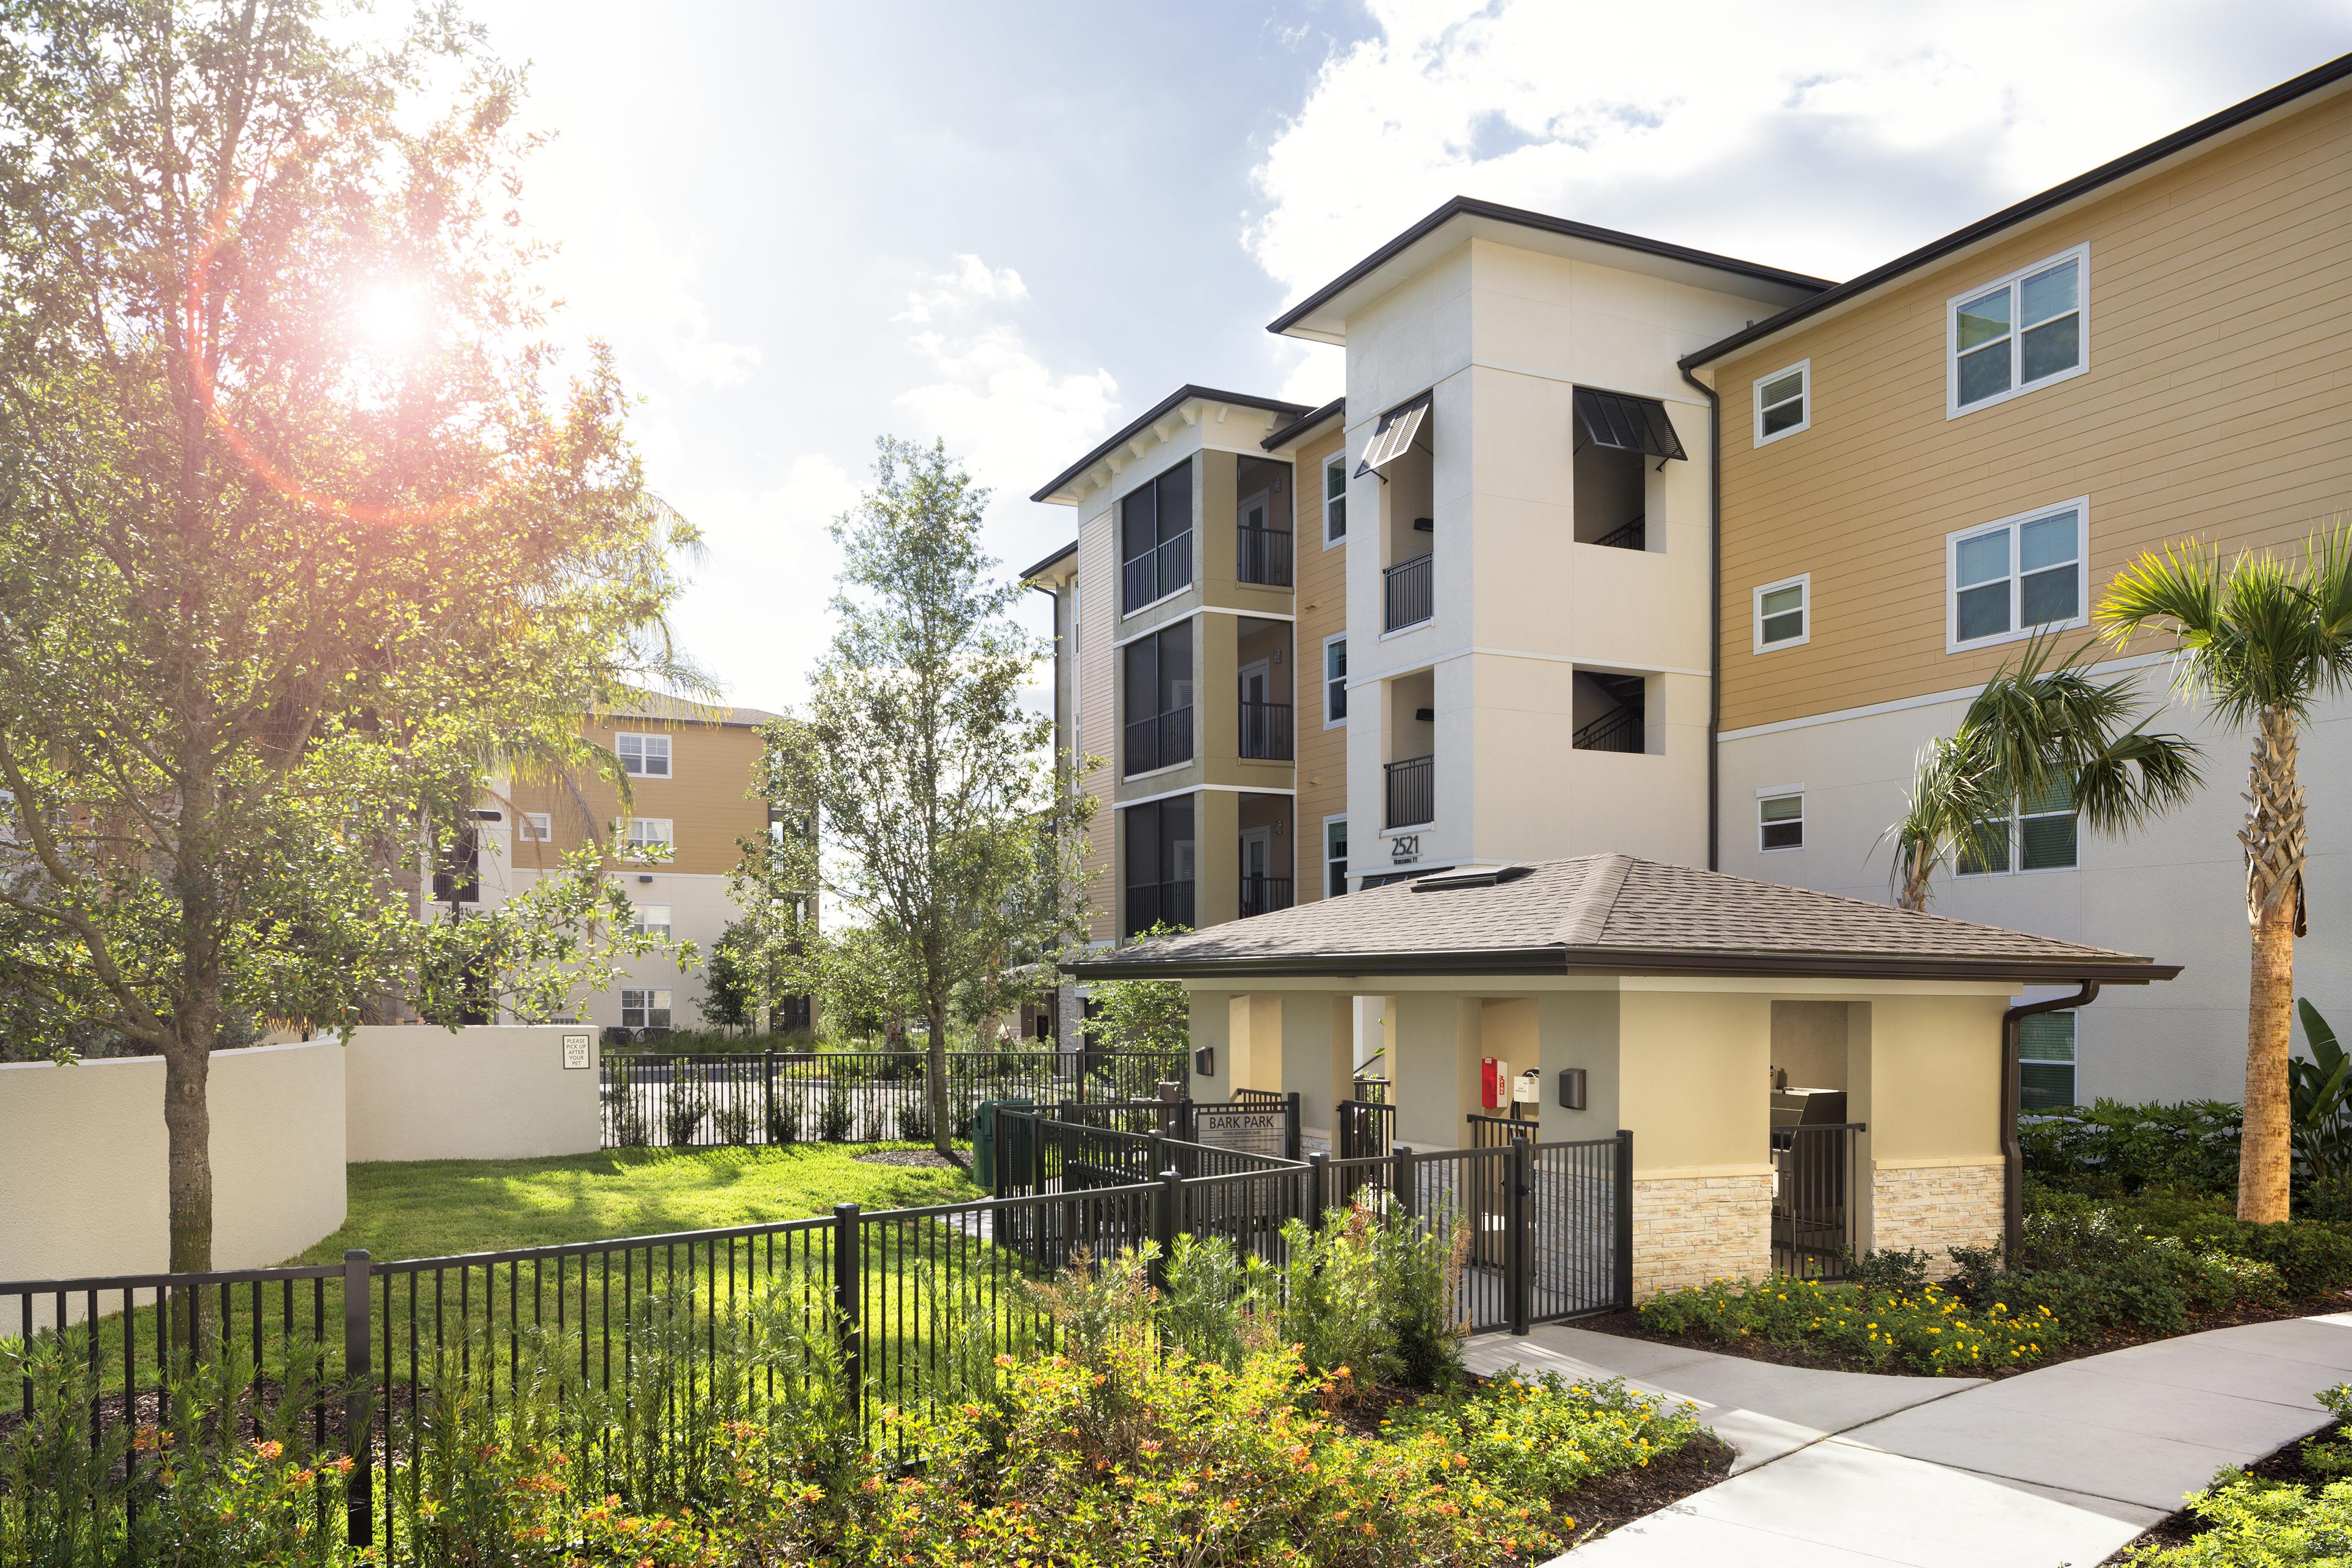 Saddle Ridge Bainbridge Apartments